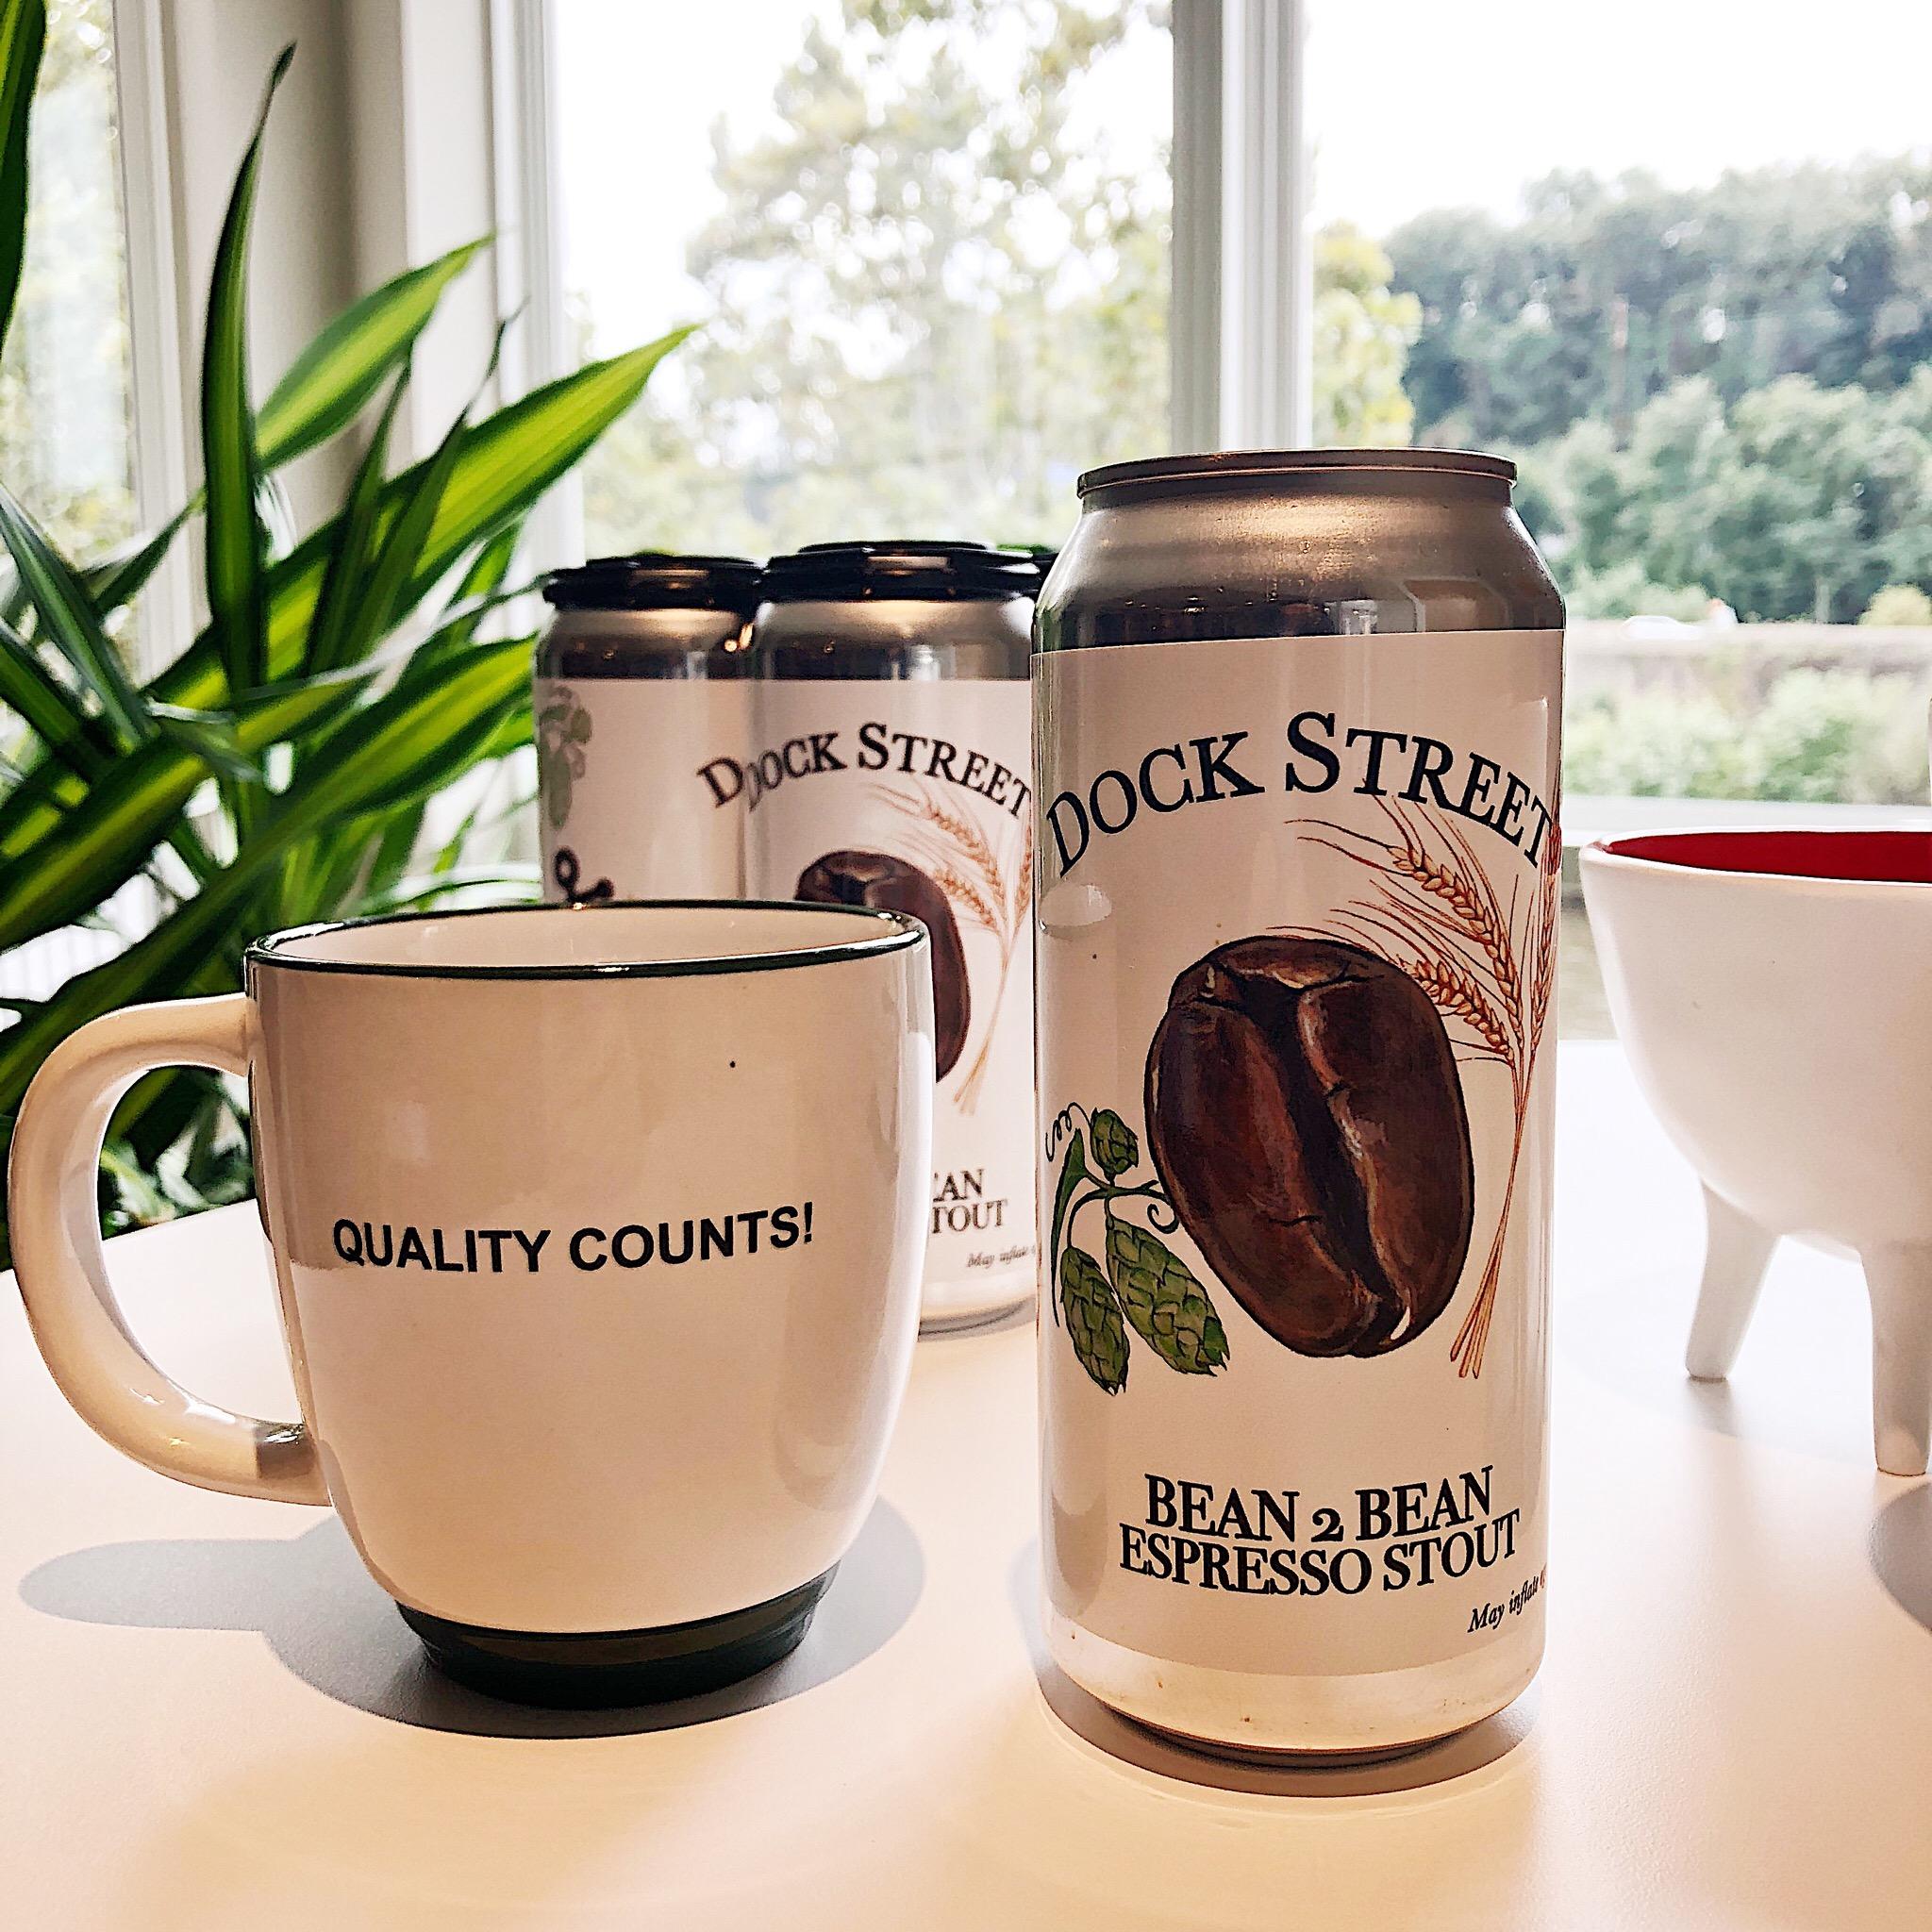 BEAN2BEAN espresso stout.JPG